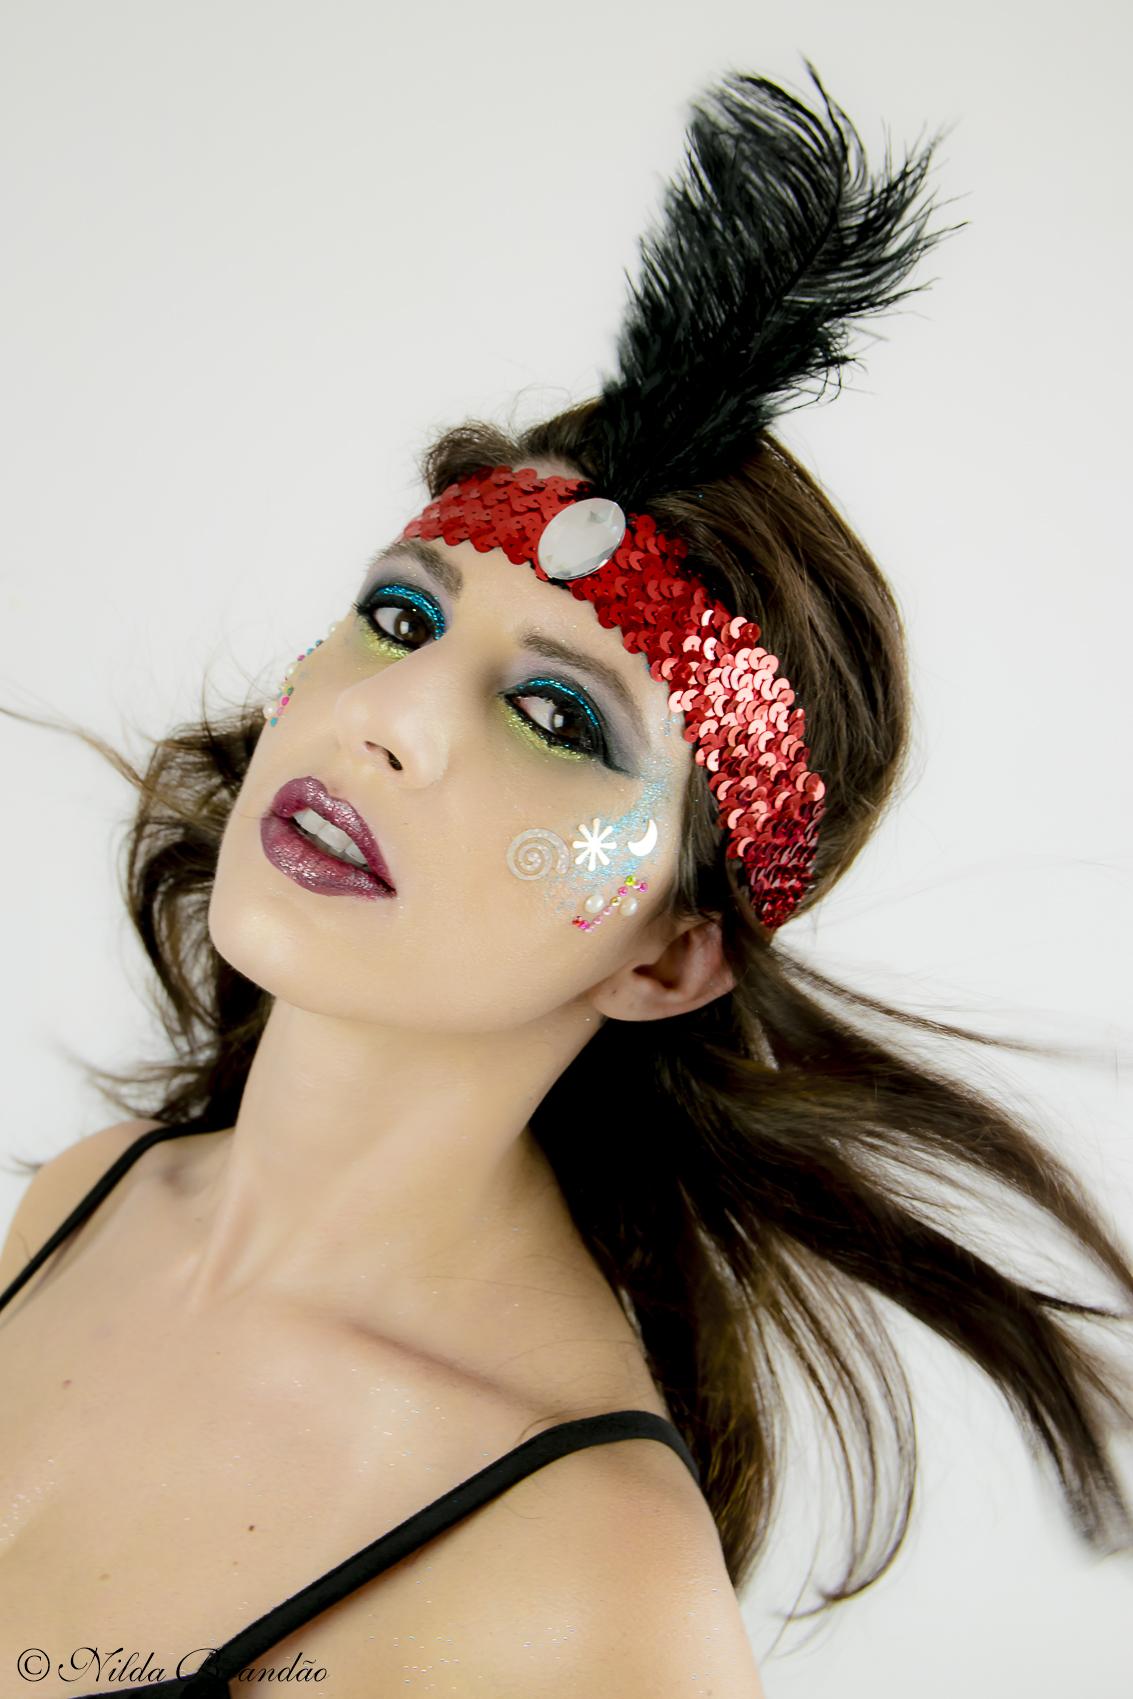 Um grande prazer fotografar o trabalho profissional da maquiadora Shirlen Moreira com sua maquiagem artística para o carnaval 2017.